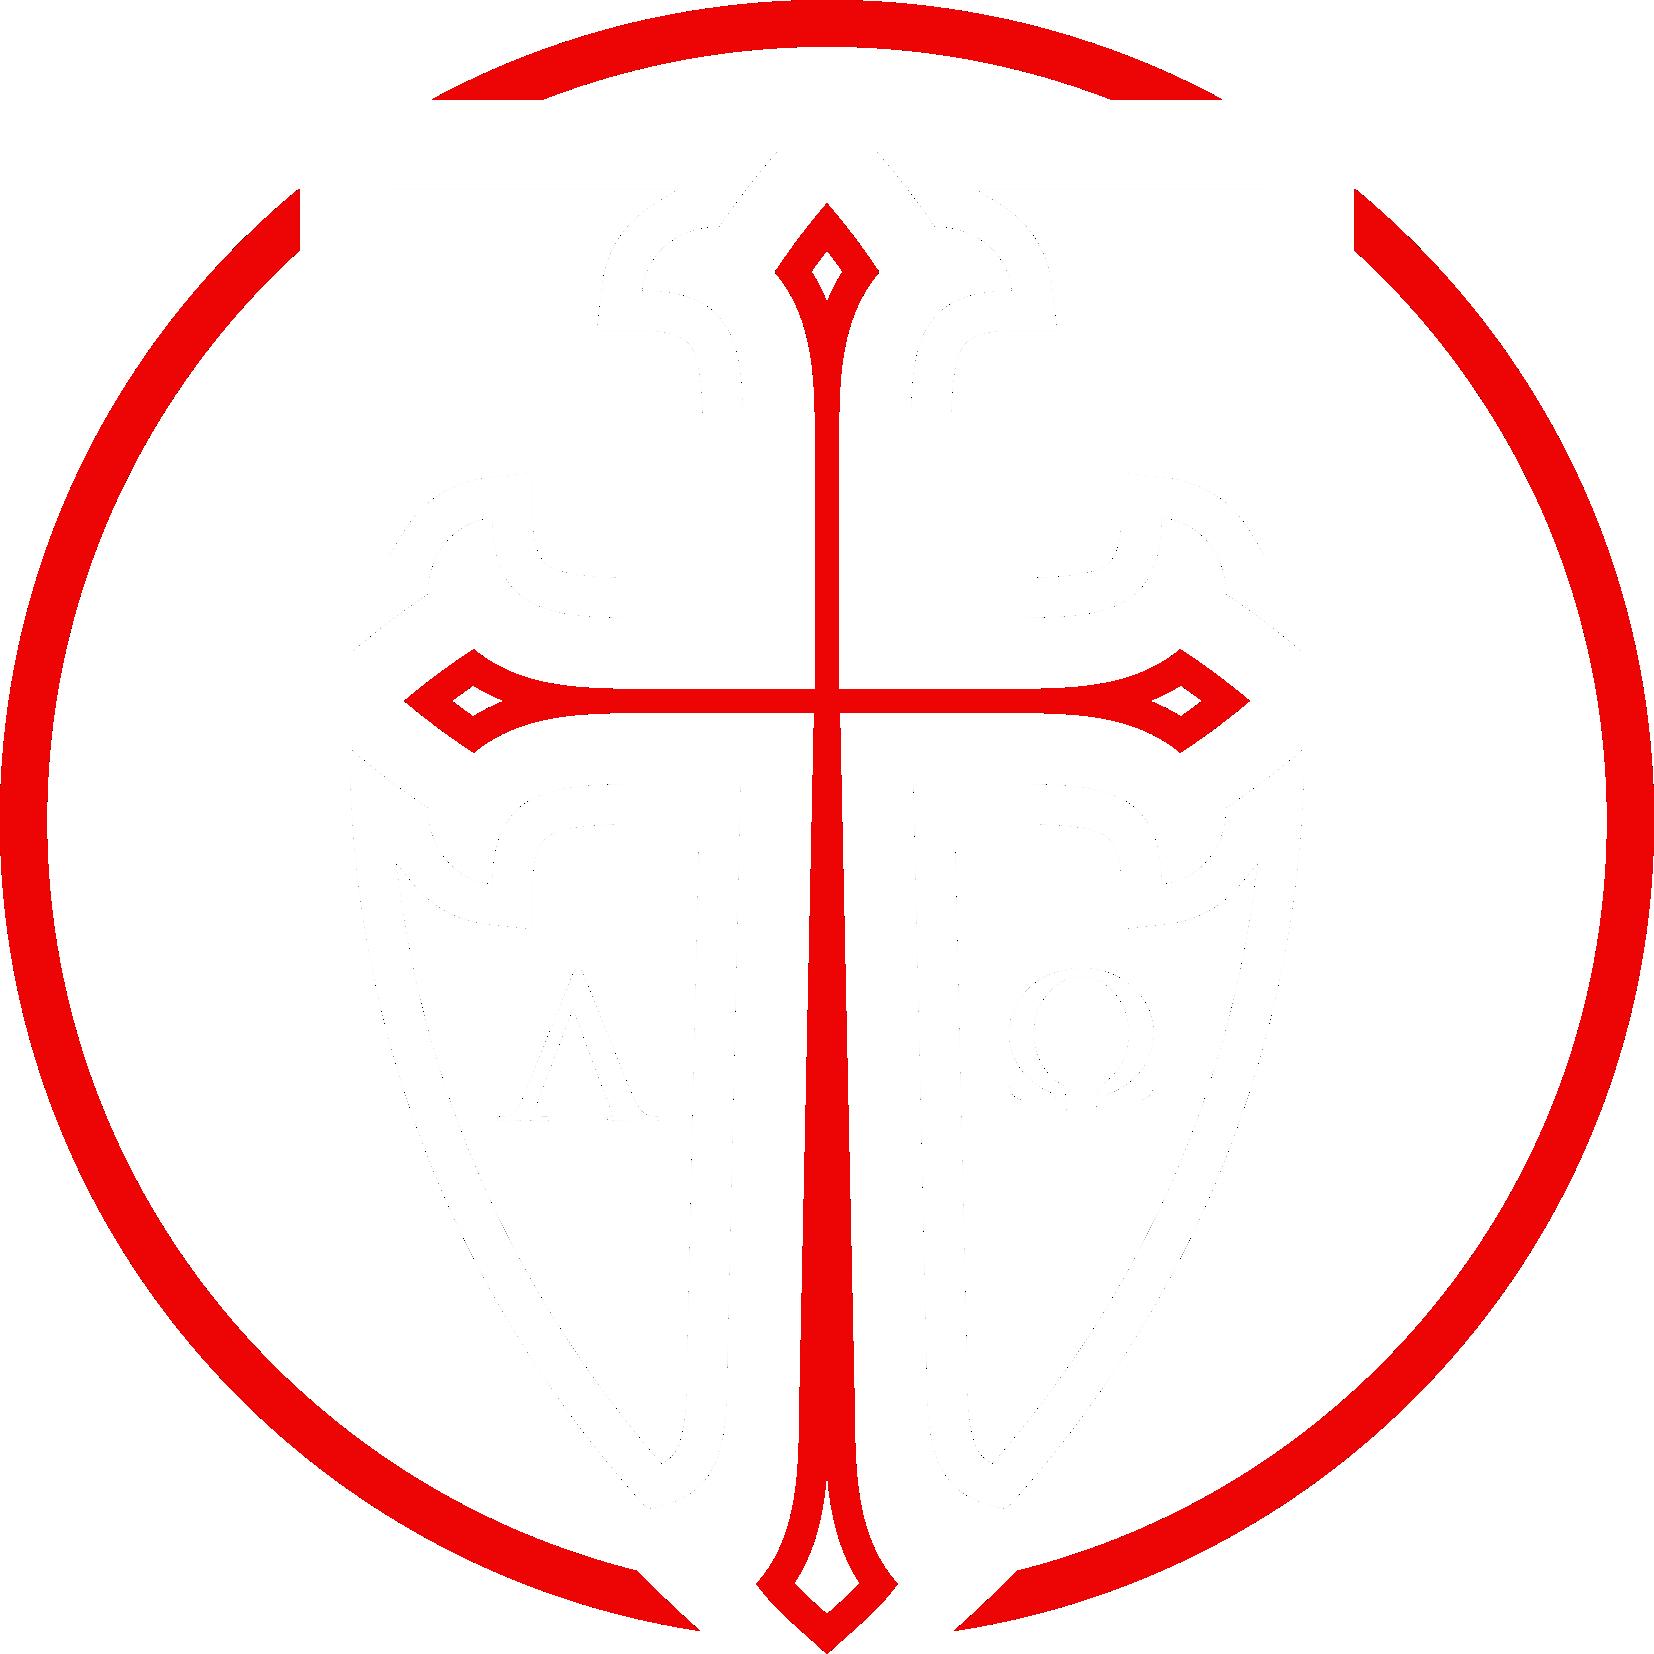 CHRISTIAN/RELIGIOUS Art Design Needed